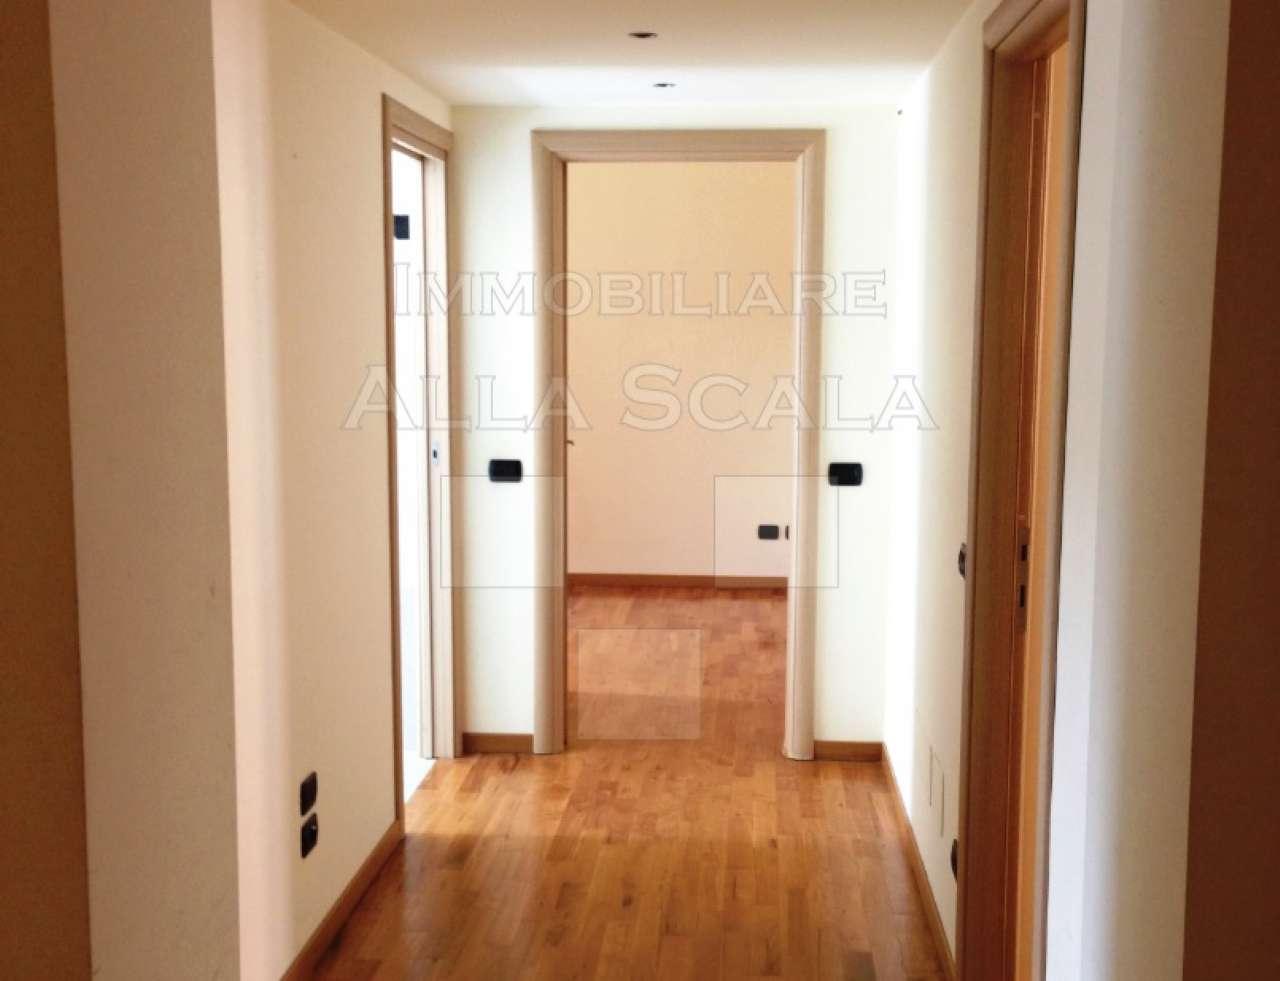 Appartamento in Affitto a Milano 08 Vercelli / Magenta / Cadorna / Washington: 3 locali, 110 mq